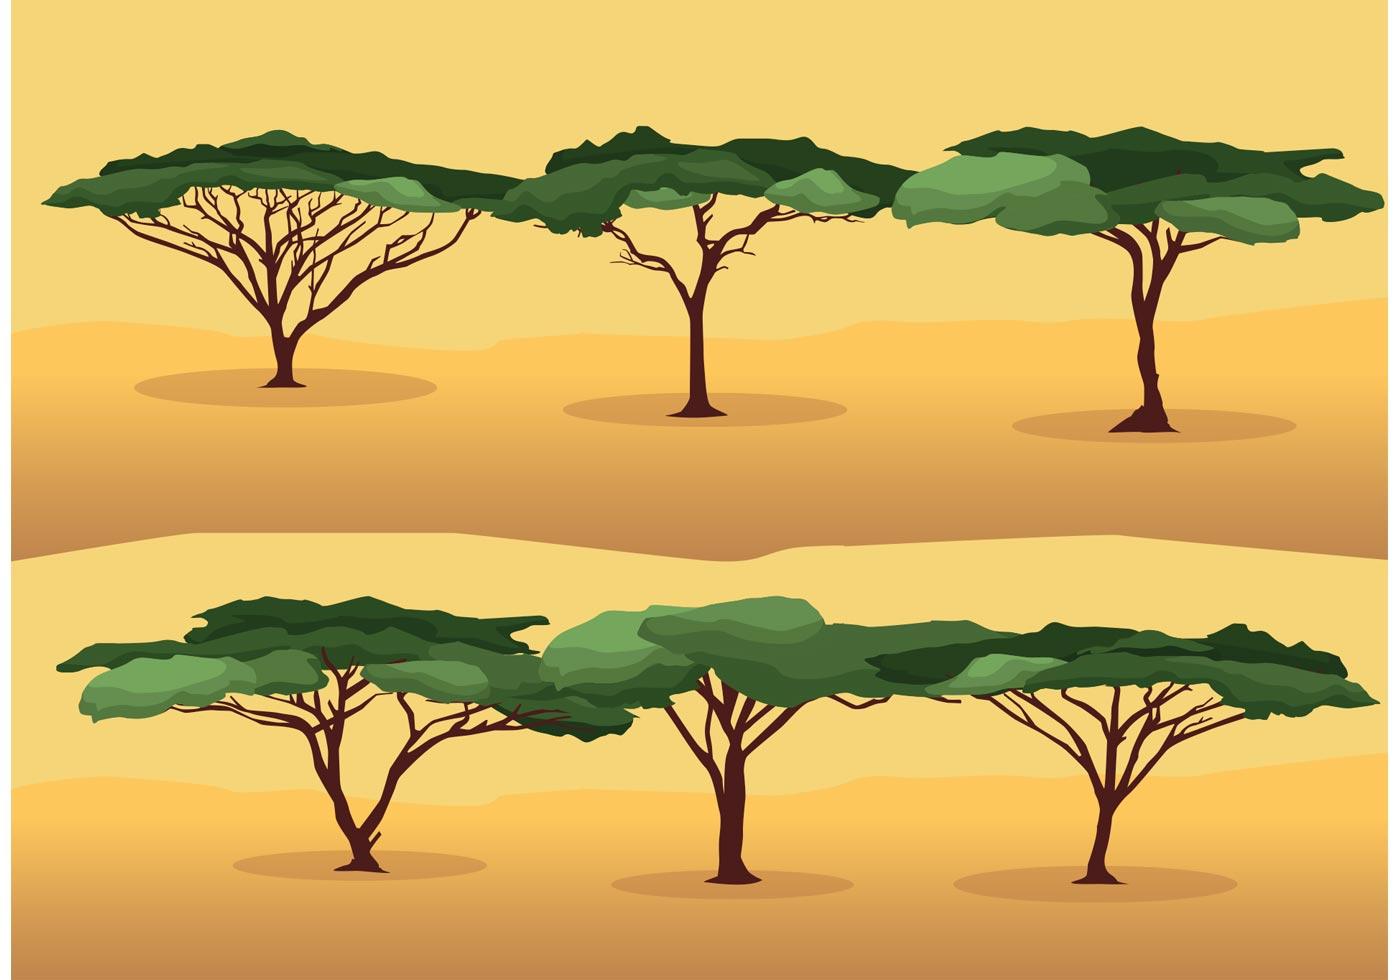 Acacia Tree Vectors - Download Free Vectors, Clipart ...